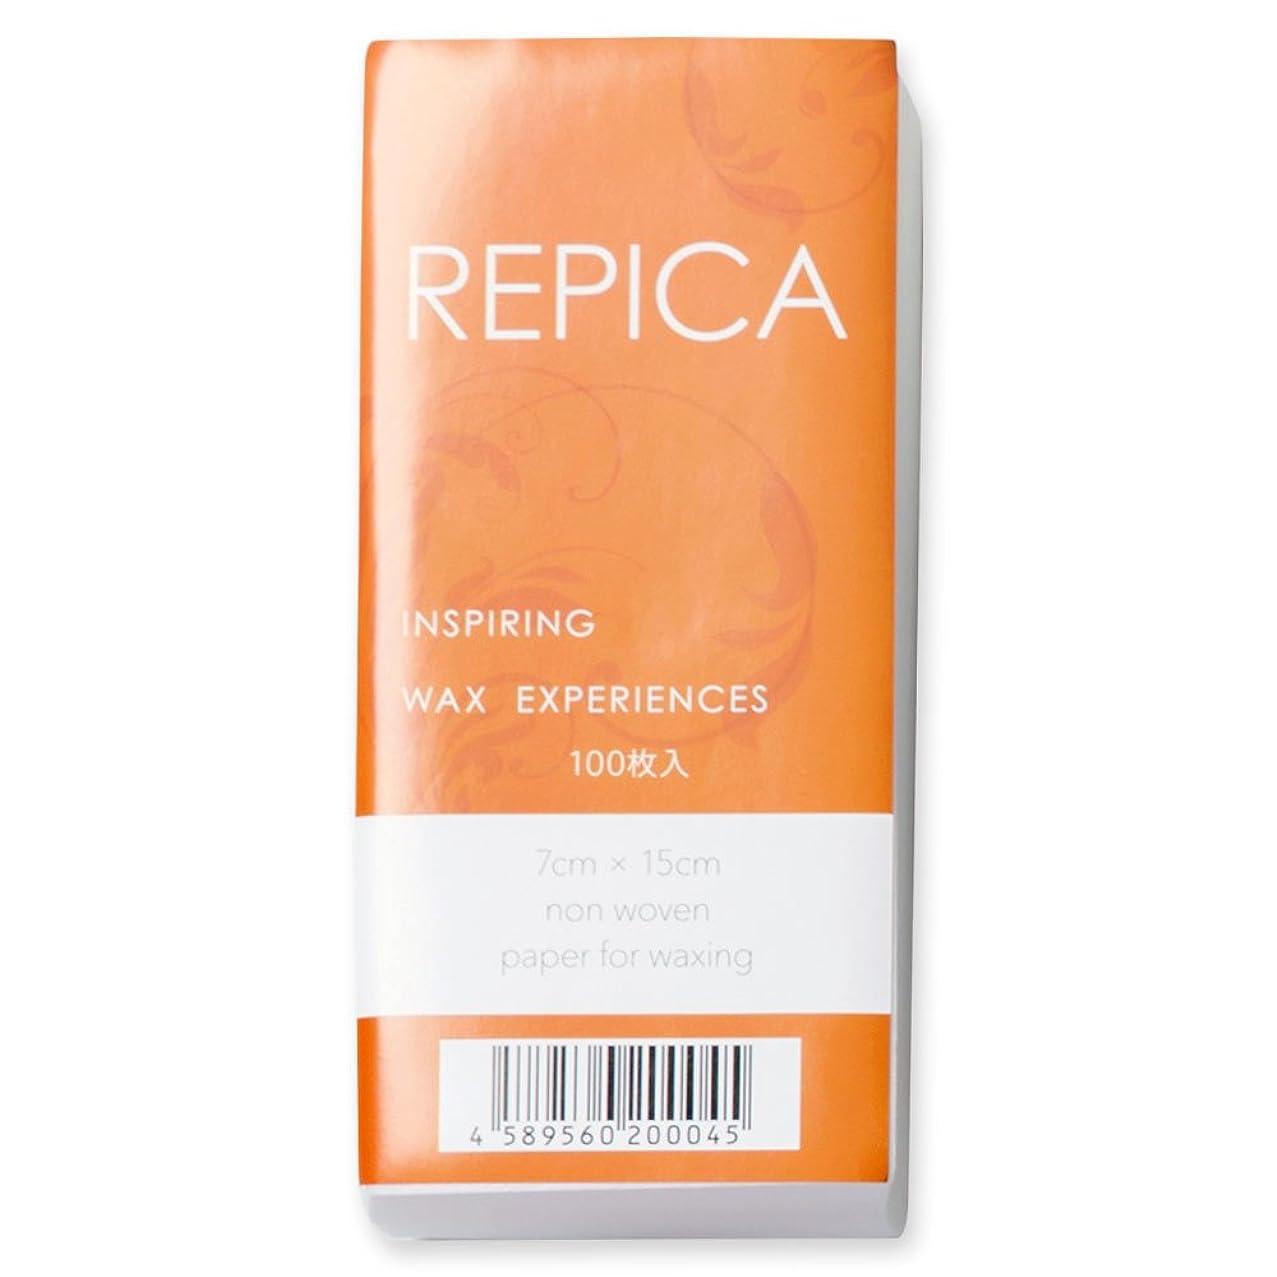 広告厚さ君主REPICA ブラジリアンワックス脱毛 カットペーパー Mサイズ100枚入り×1個 ワックス脱毛 ワックスシート ストリップシート